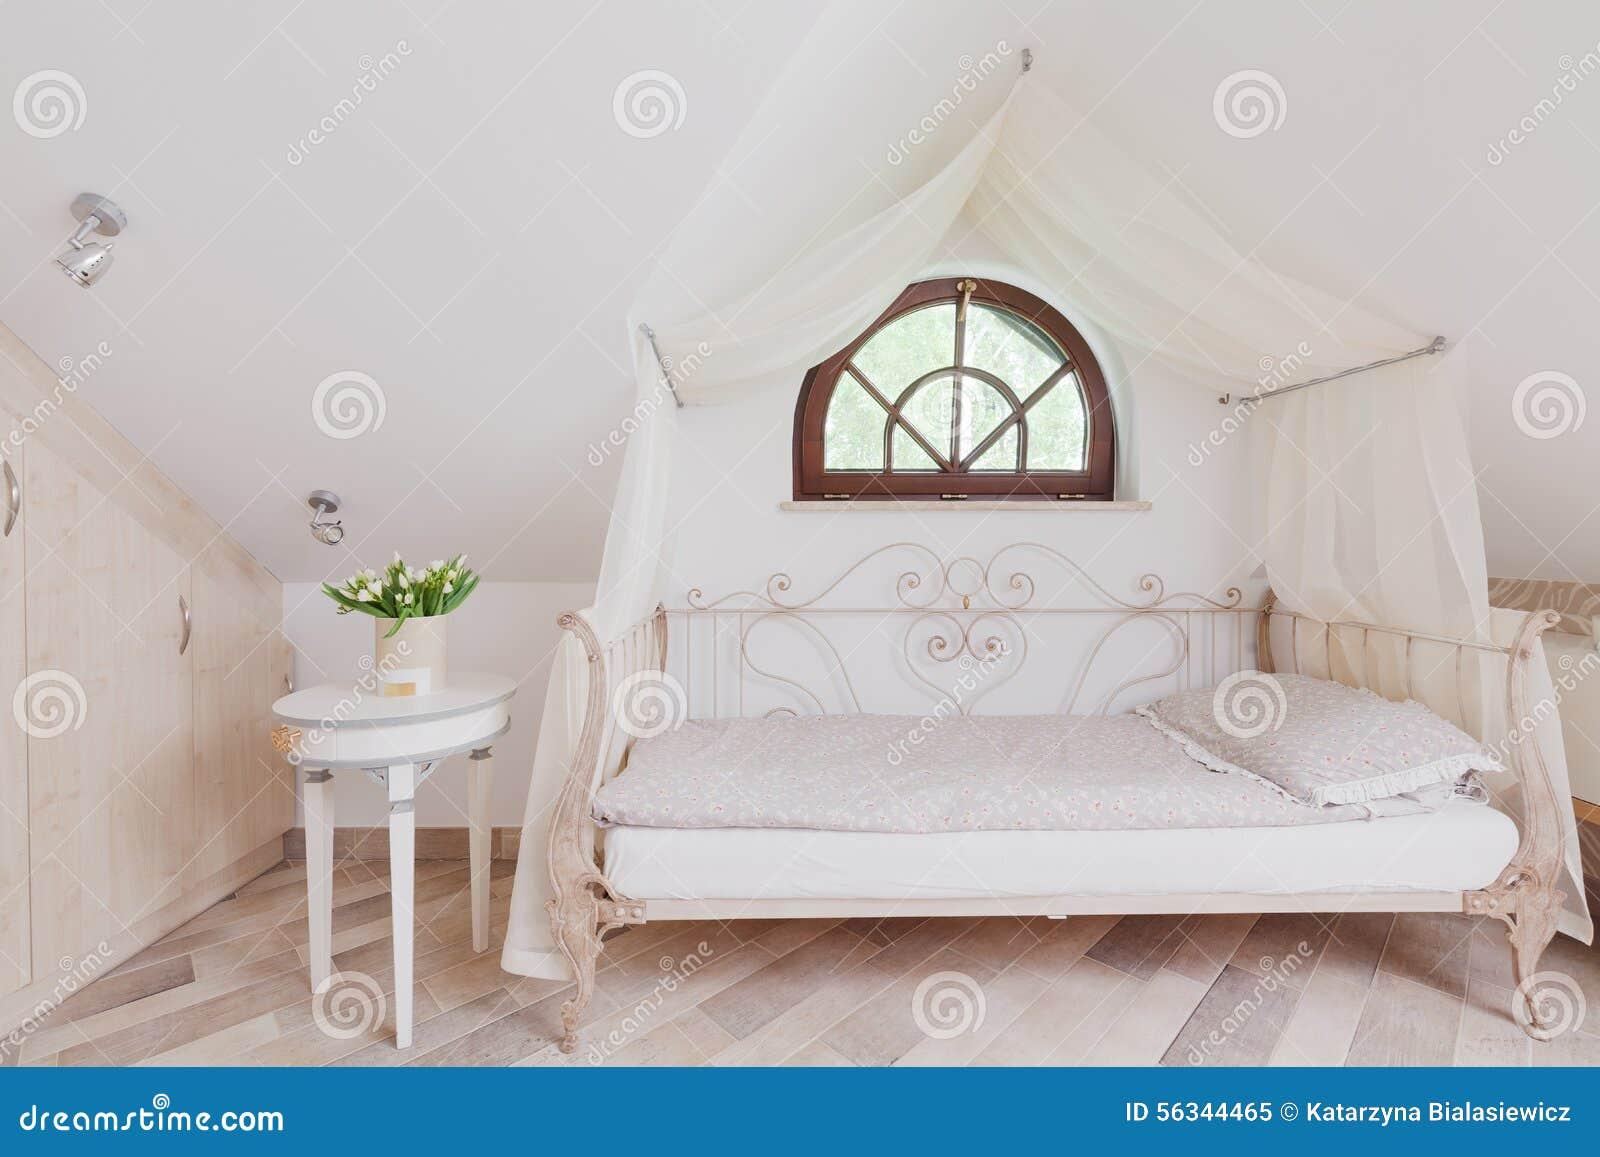 Stilvolles Bett Im Romantischen Schlafzimmer Stockbild - Bild von ...